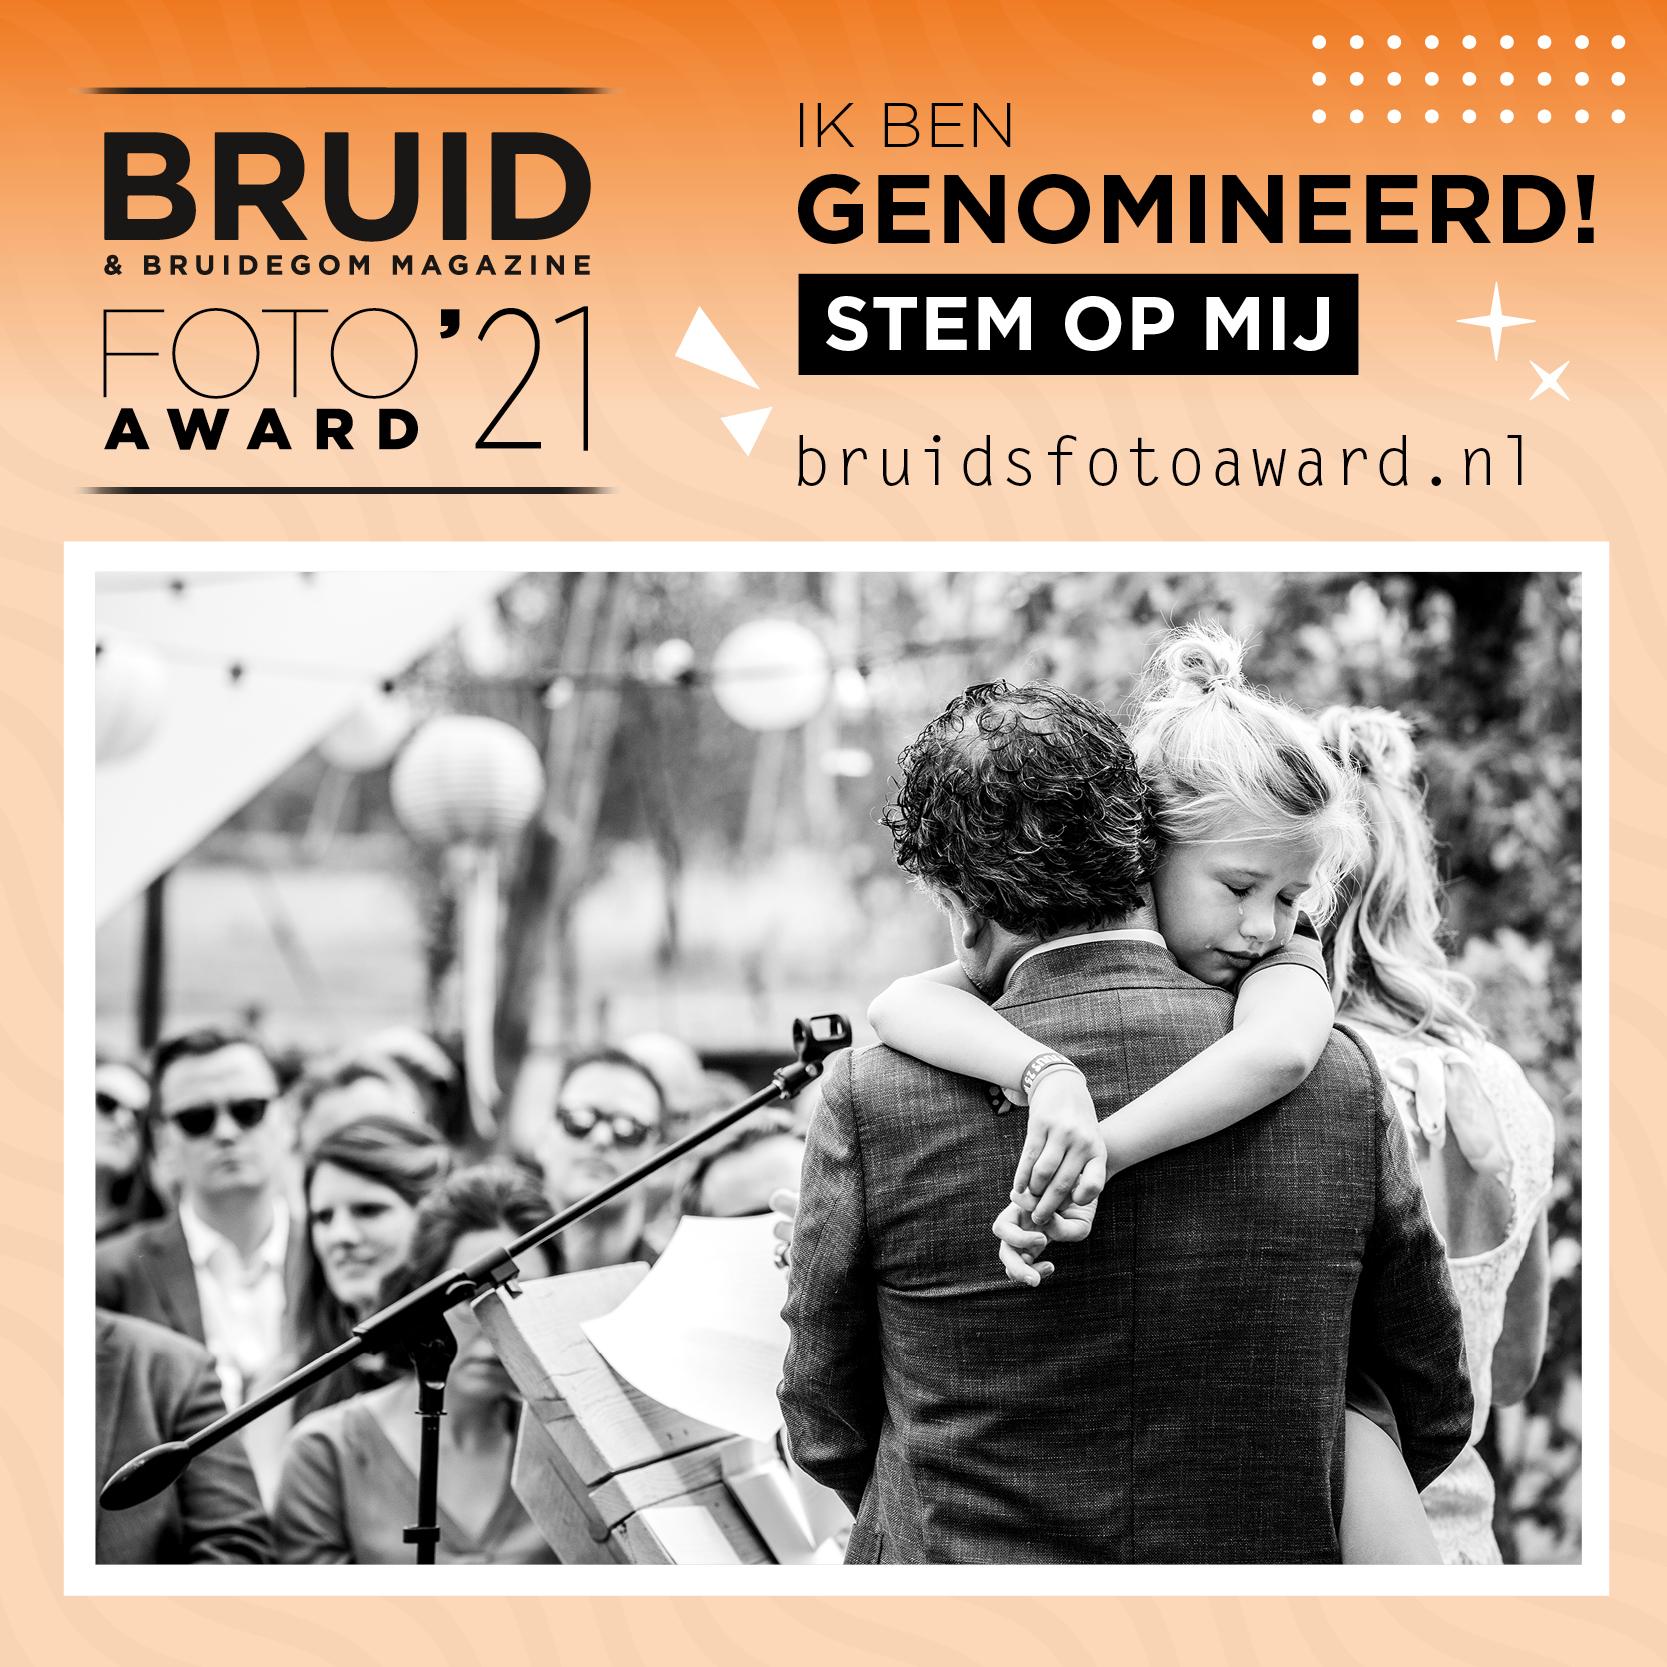 Lotje van der Bie is genomineerd voor de Bruidsfotoaward 2021